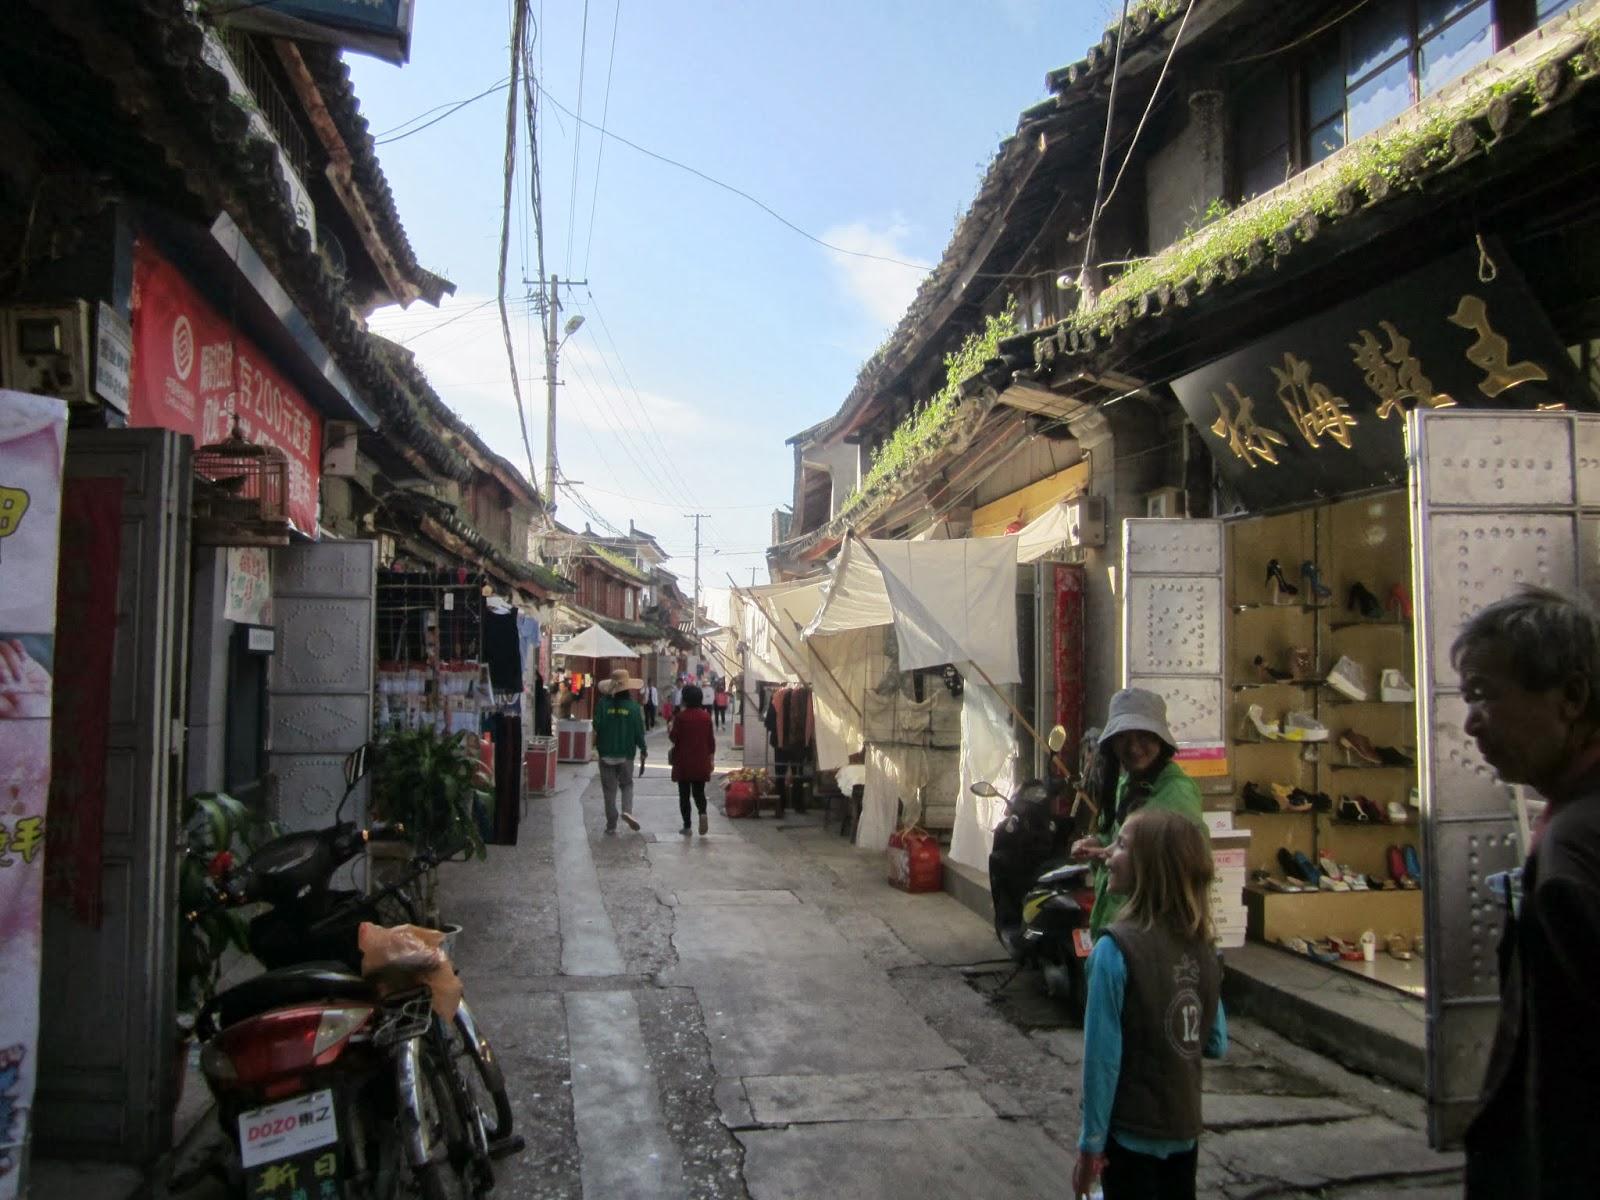 Notre aventure chinoise vacances dans le yunnan dali 2 jour village xi - Village de chine le mans ...